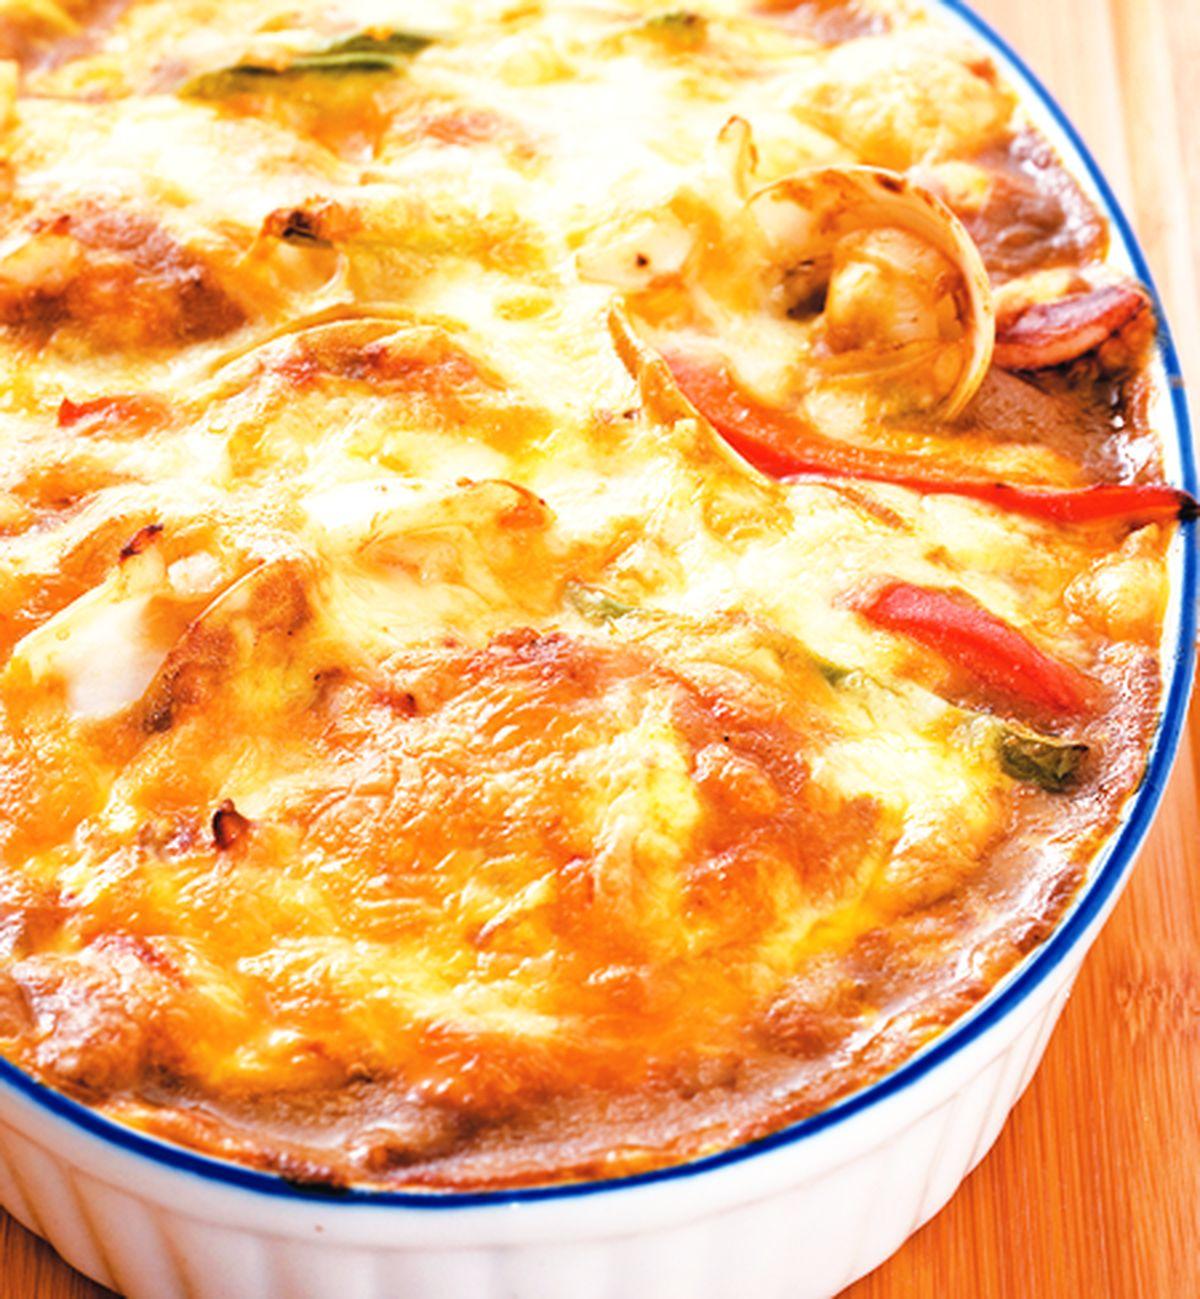 食譜:焗海鮮咖哩飯(1)